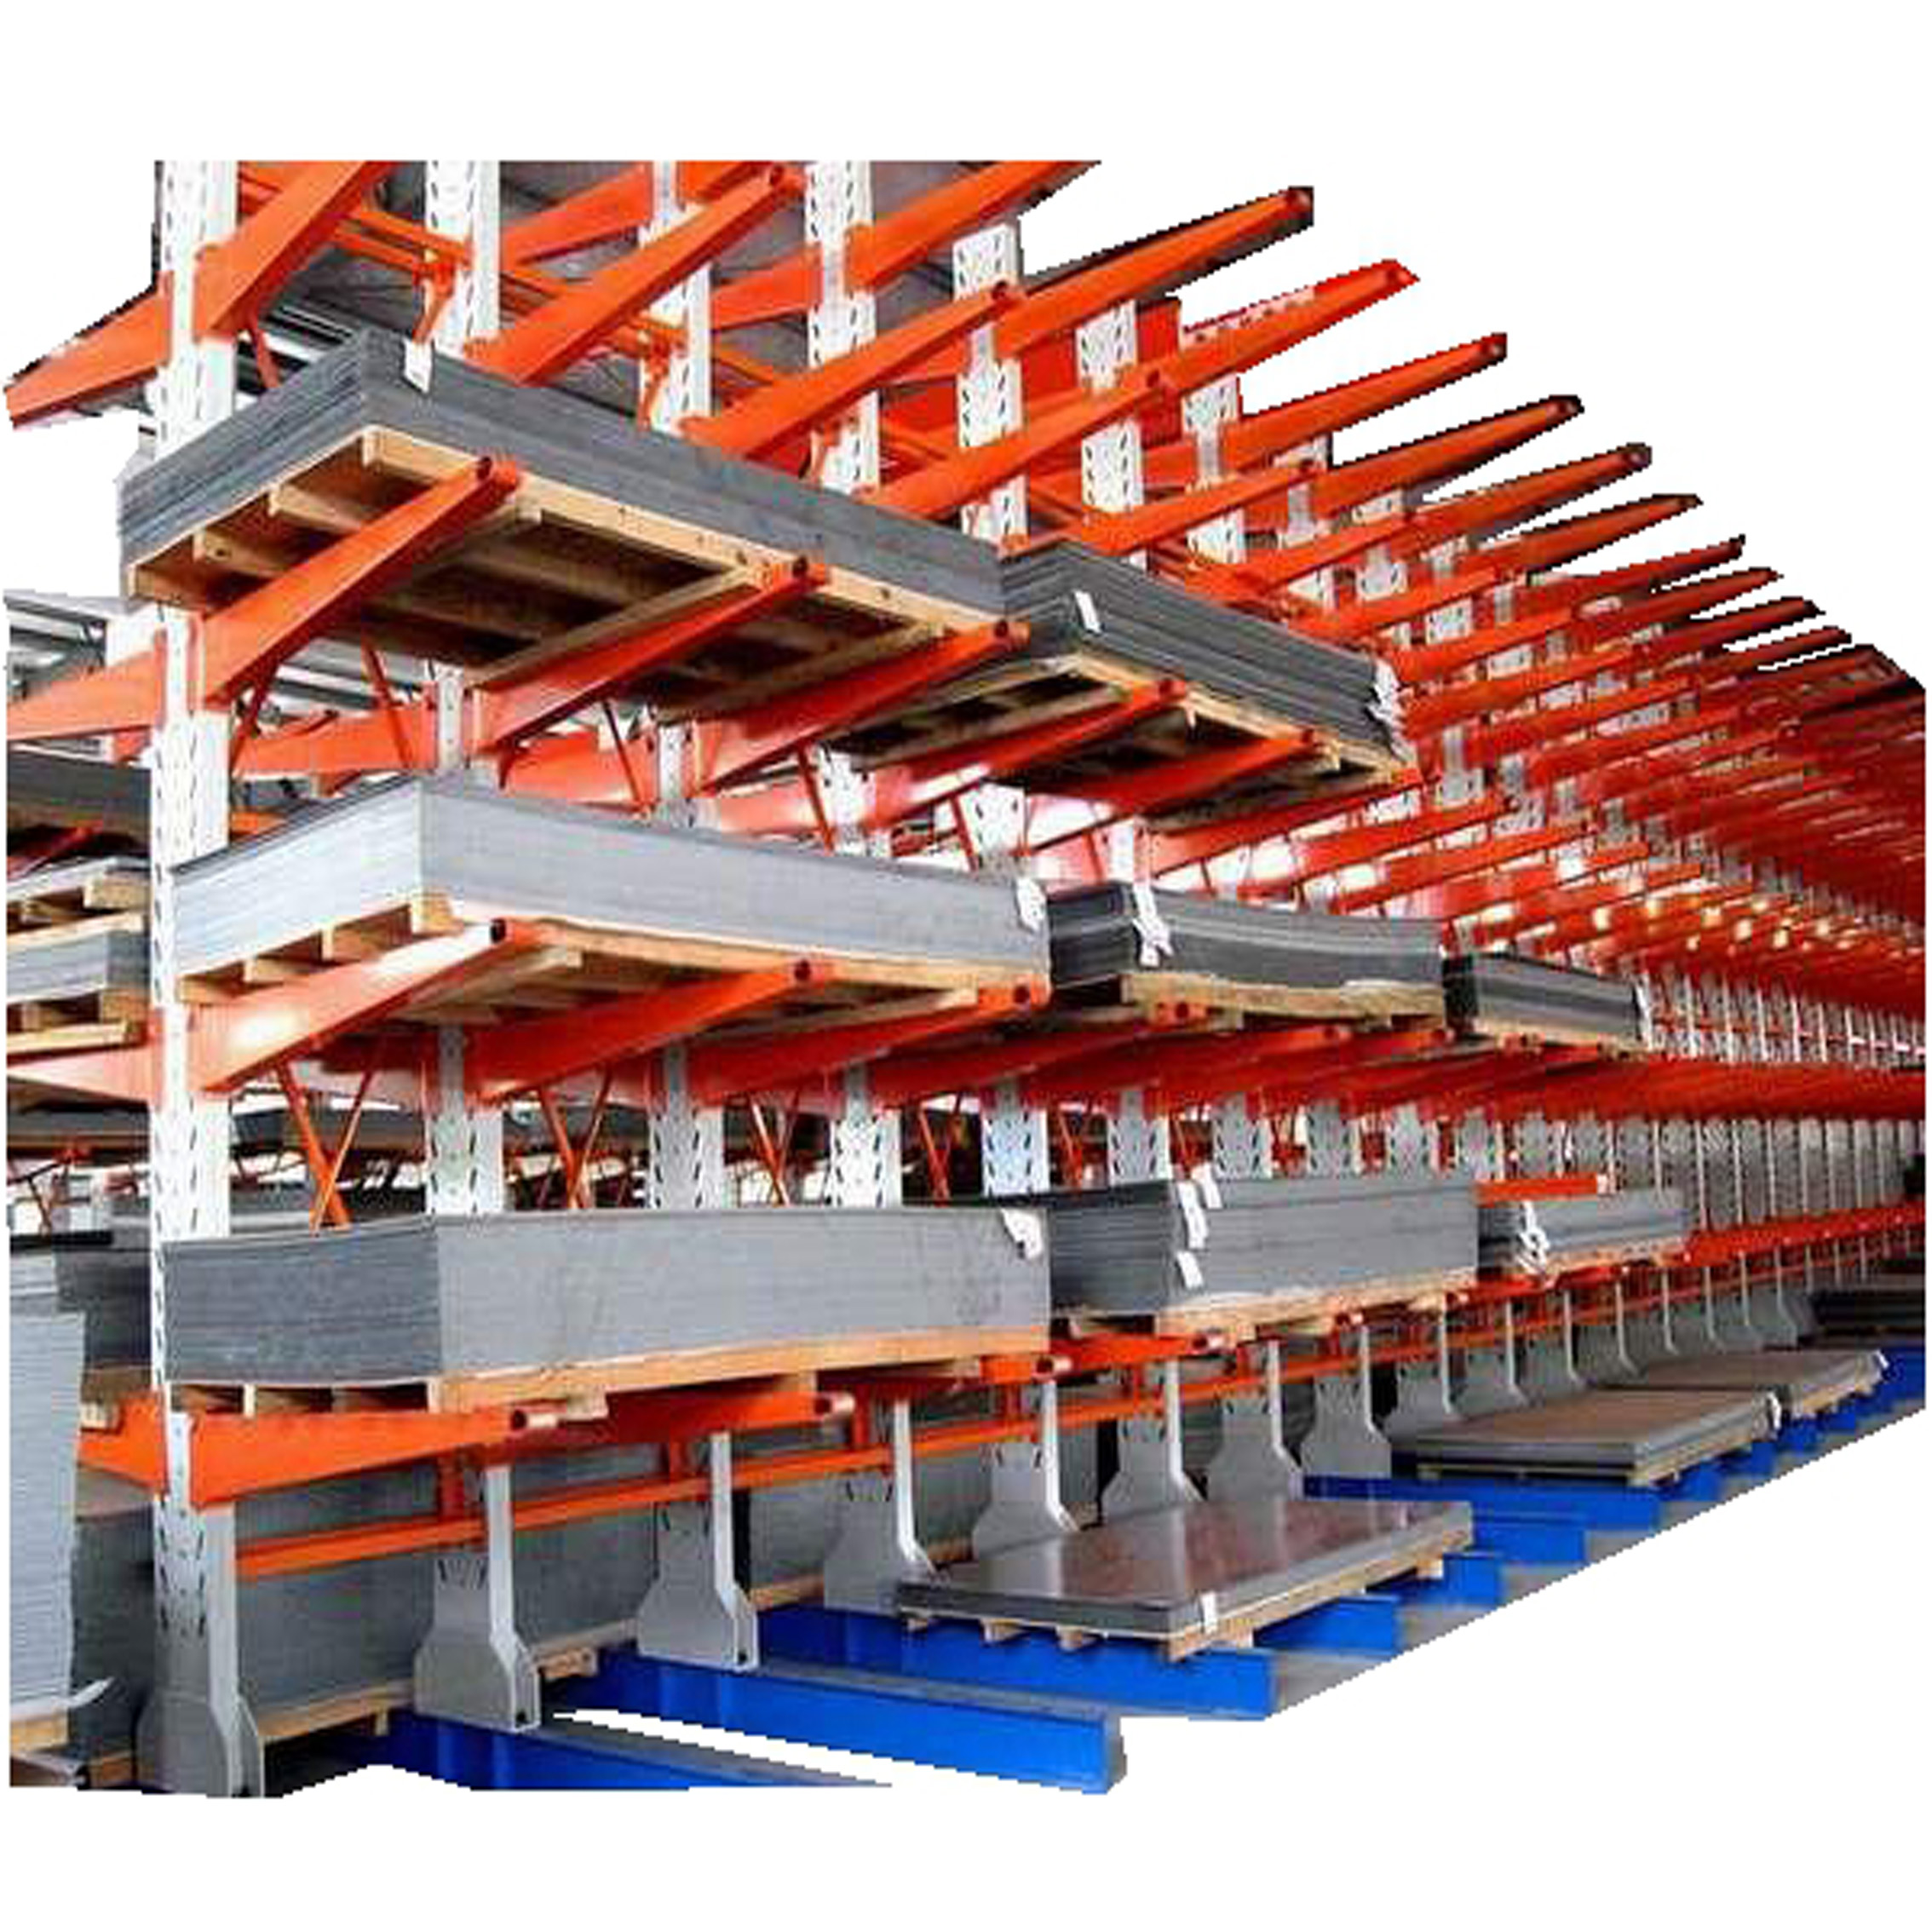 伸臂式货架,悬臂式货架,卷材仓库货架148229445